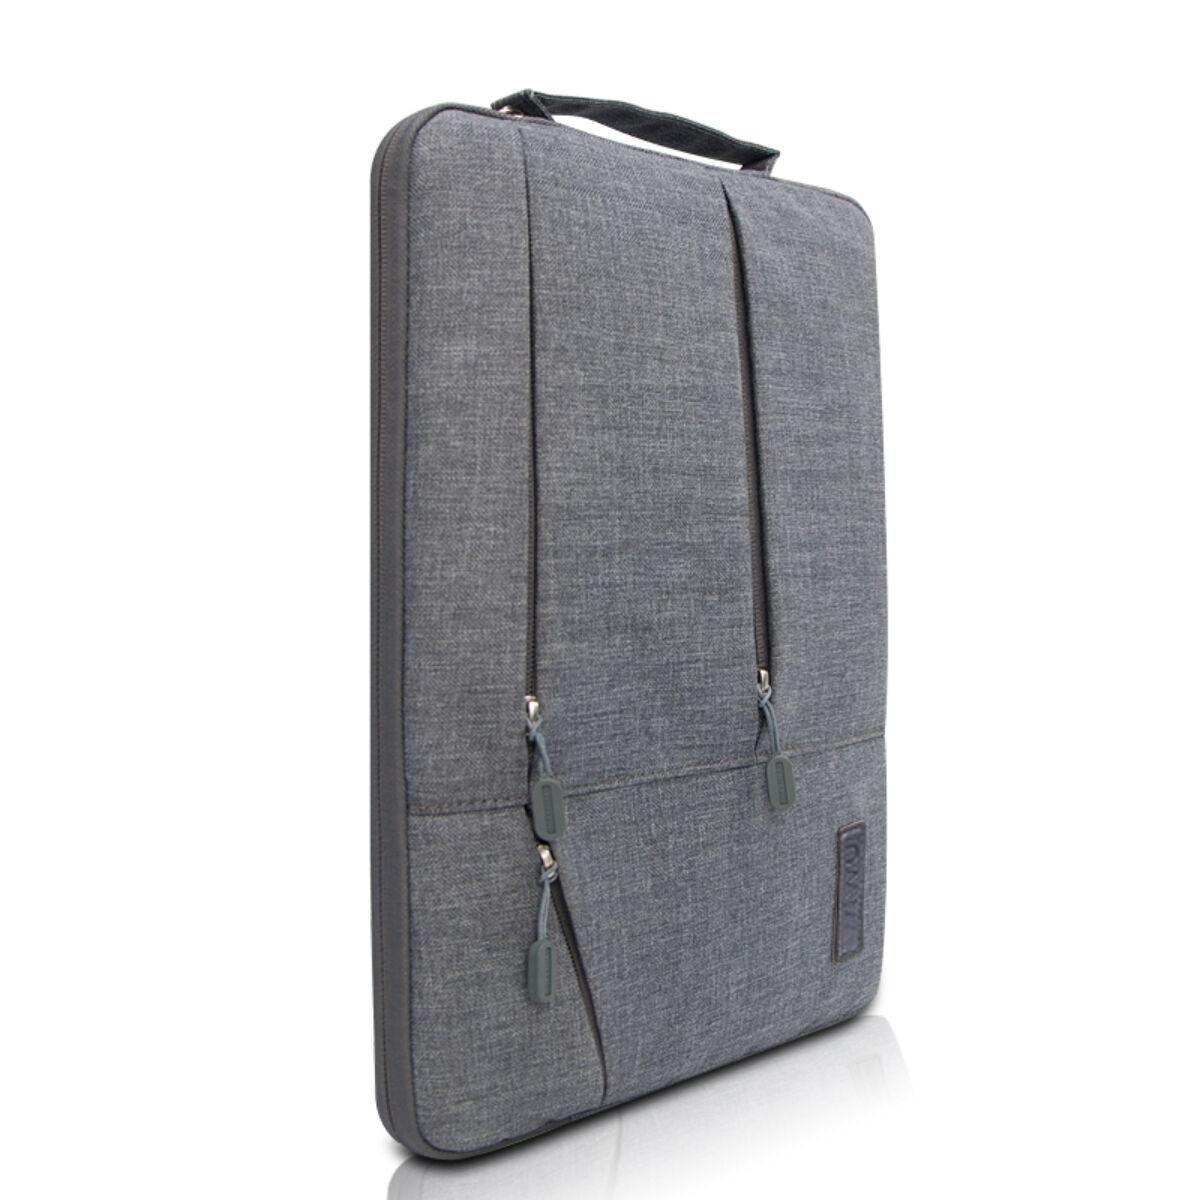 WiWU kézi táska, Gent Business Laptop tartó tok, 15.6 inch , Szürke